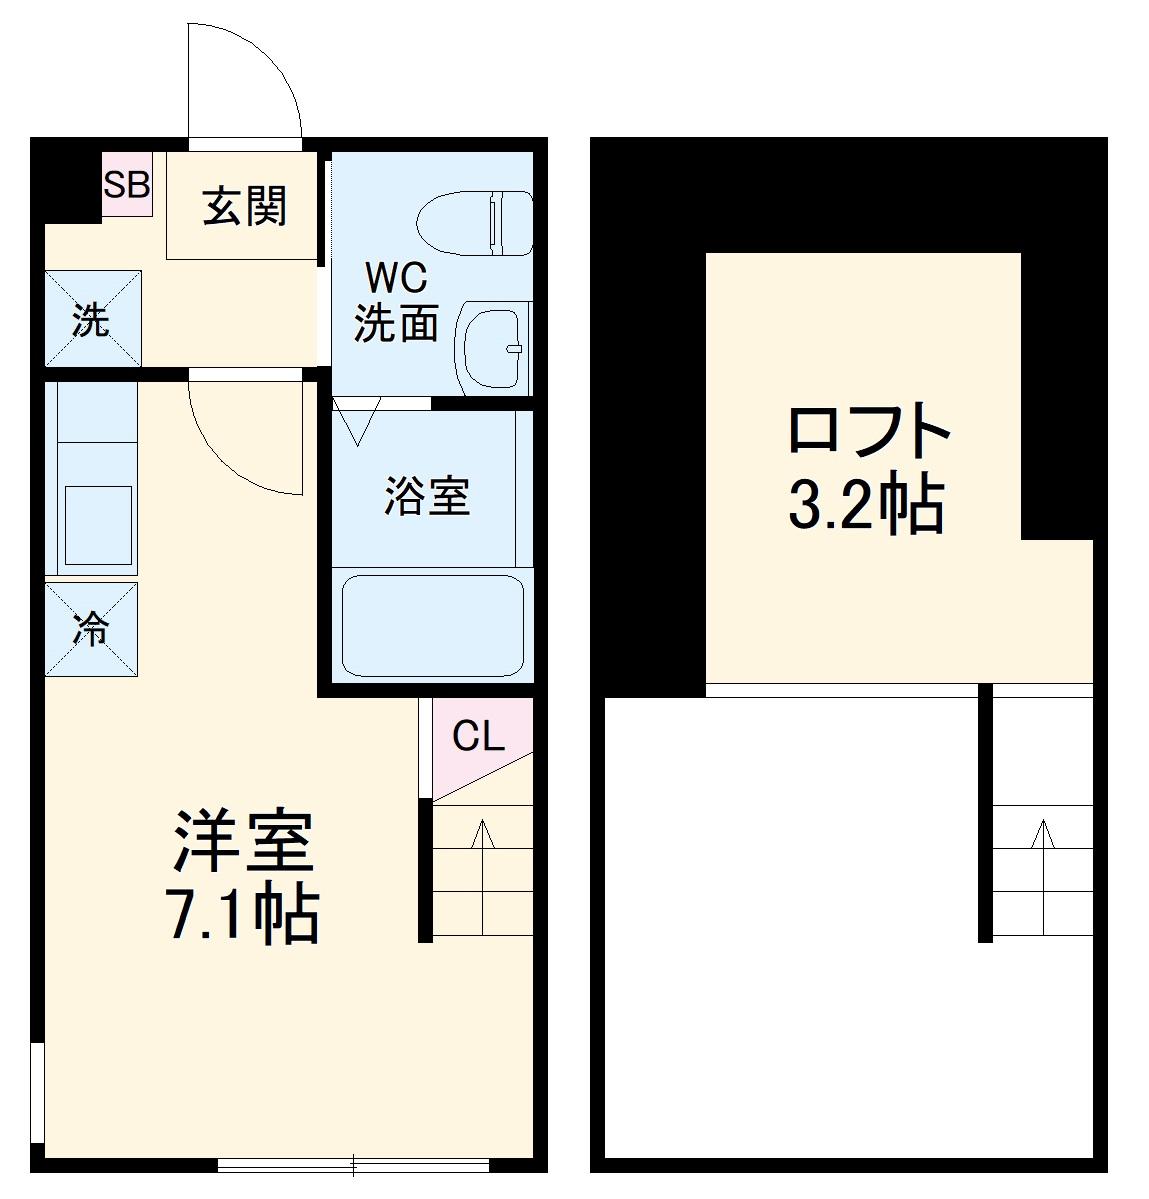 ハーミットクラブハウス戸塚矢部町A棟 102号室の間取り